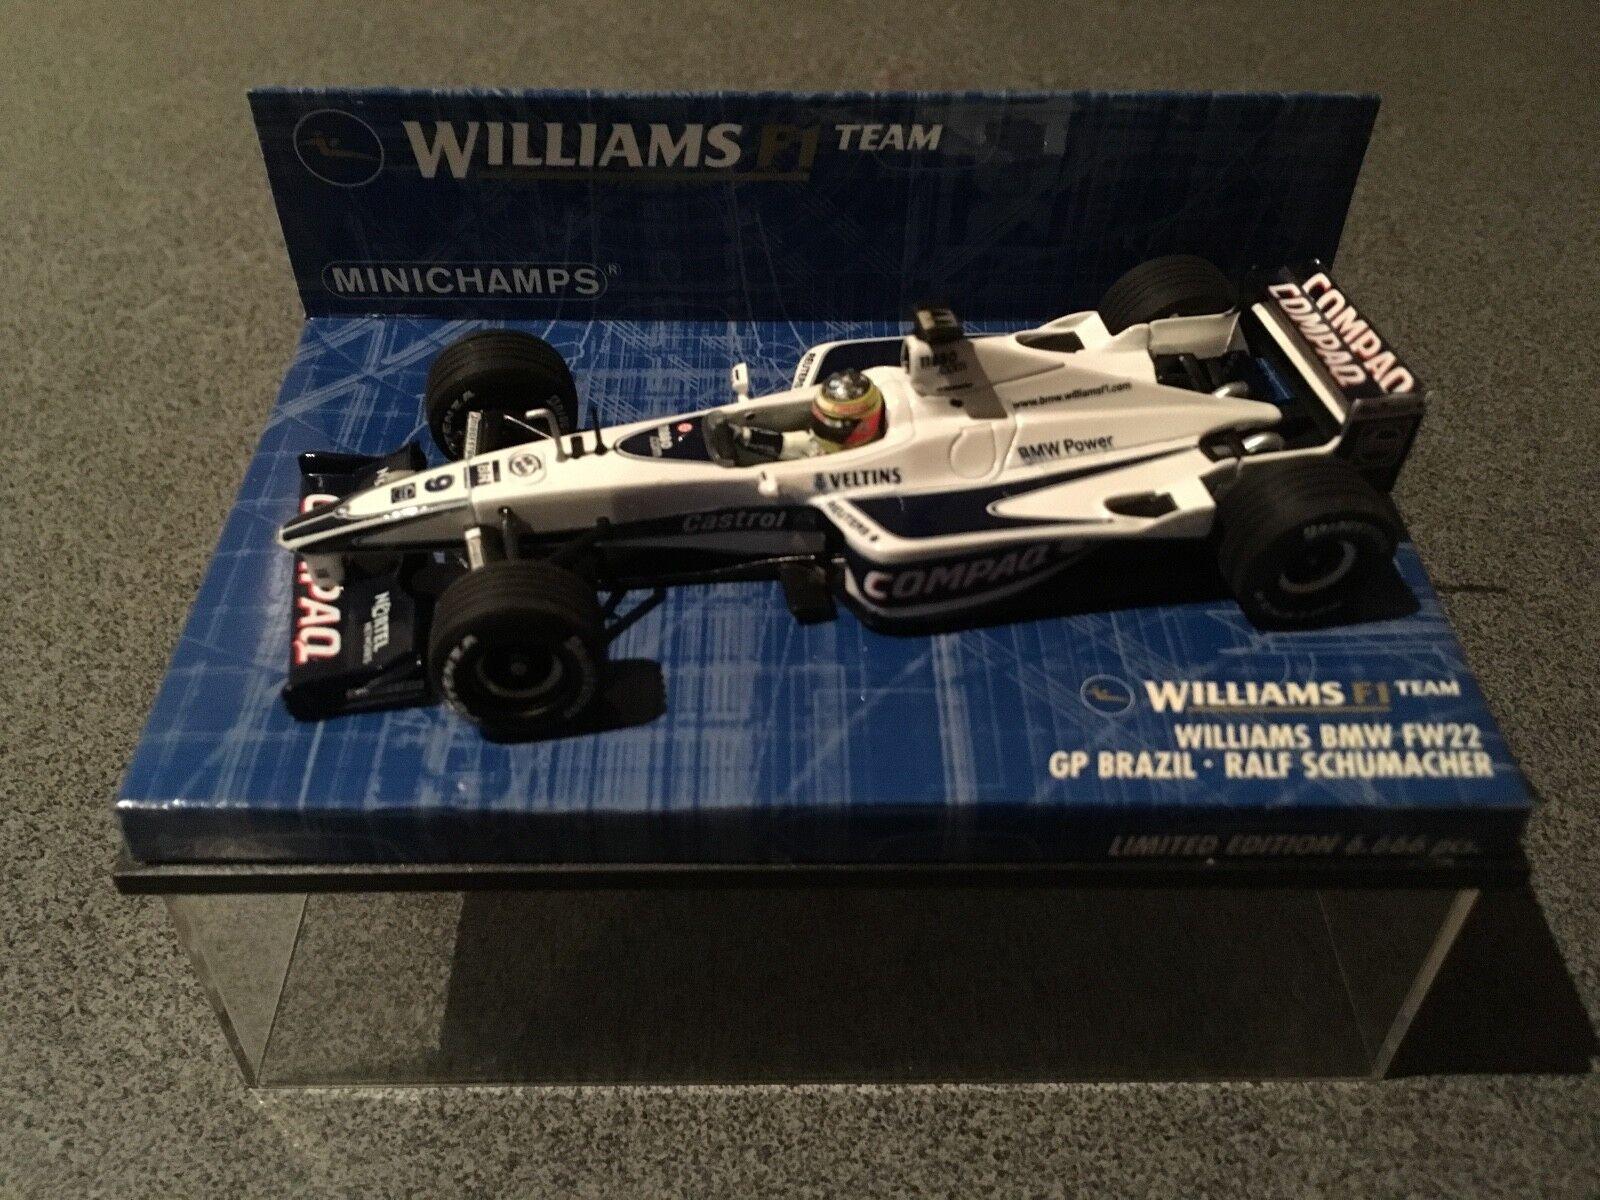 MINICHAMPS WILLIAMS F1 BMW FW22 RALF SCHUMACHER 2000 BRAZIL GP LTD ED 6666